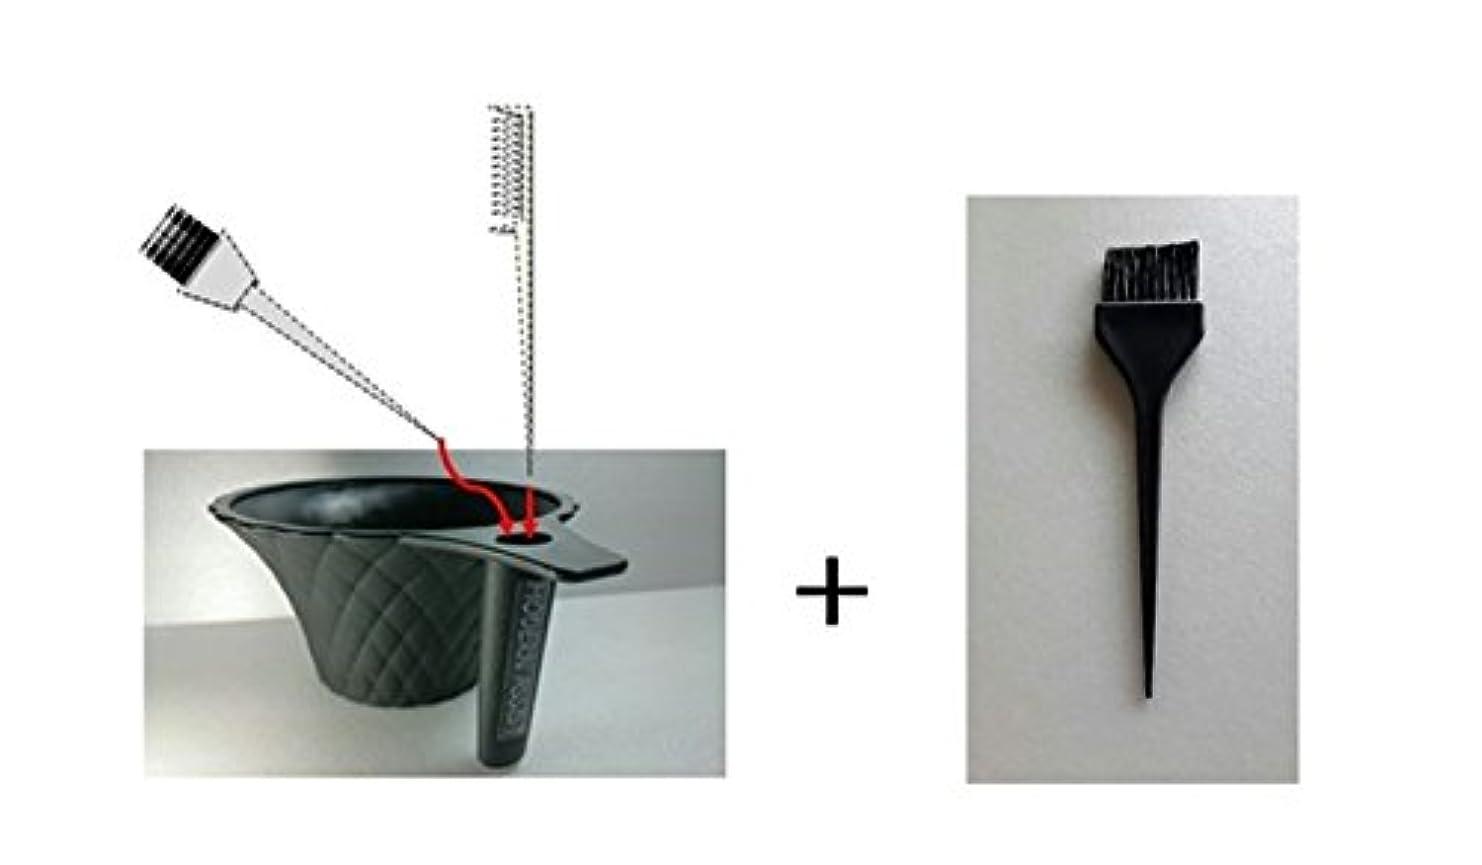 適度な南アメリカ飢【ヘアカラーカップ+ブラシ】セルフカラー用 持ちやすくて便利